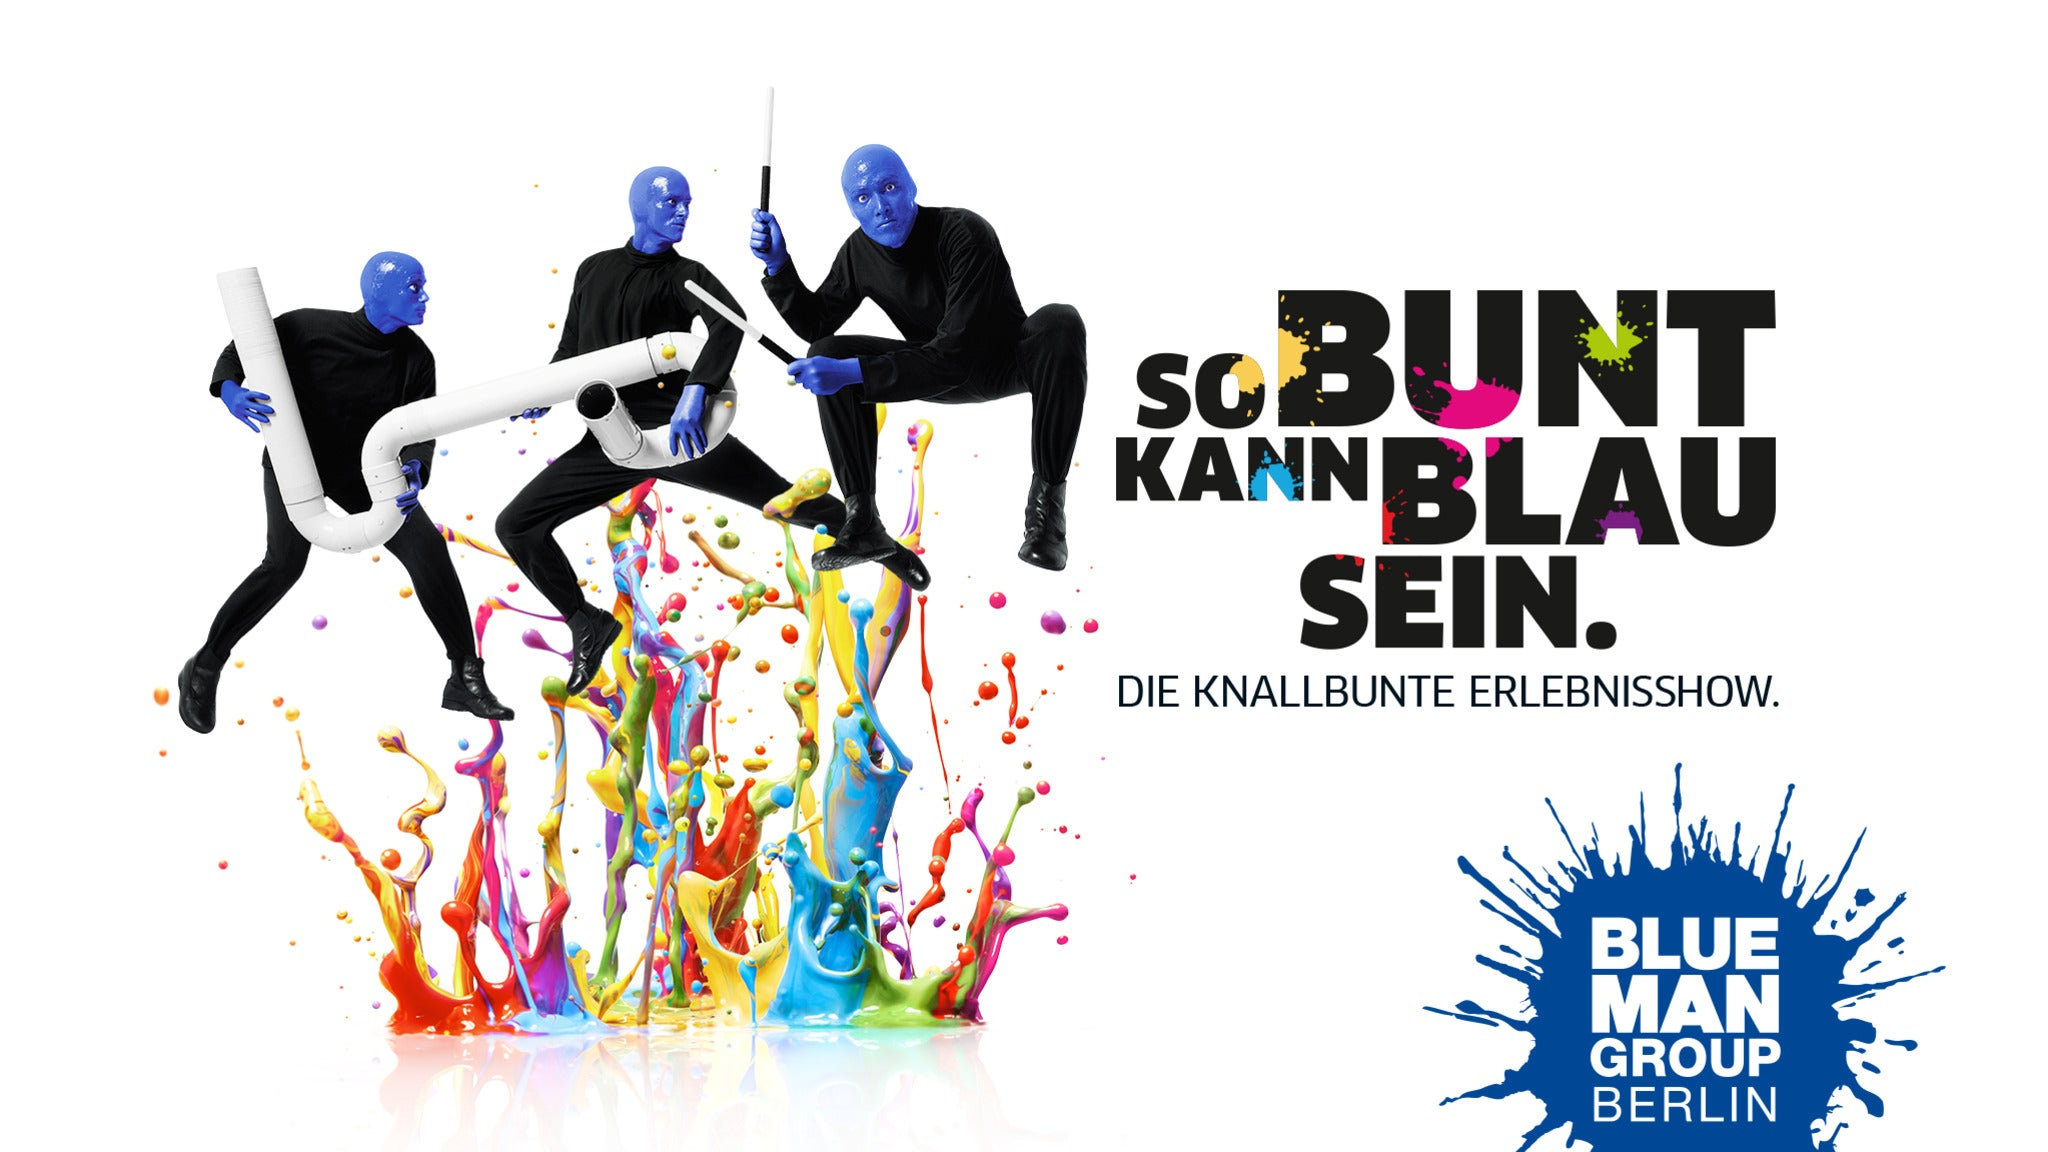 BLUE MAN GROUP in Berlin